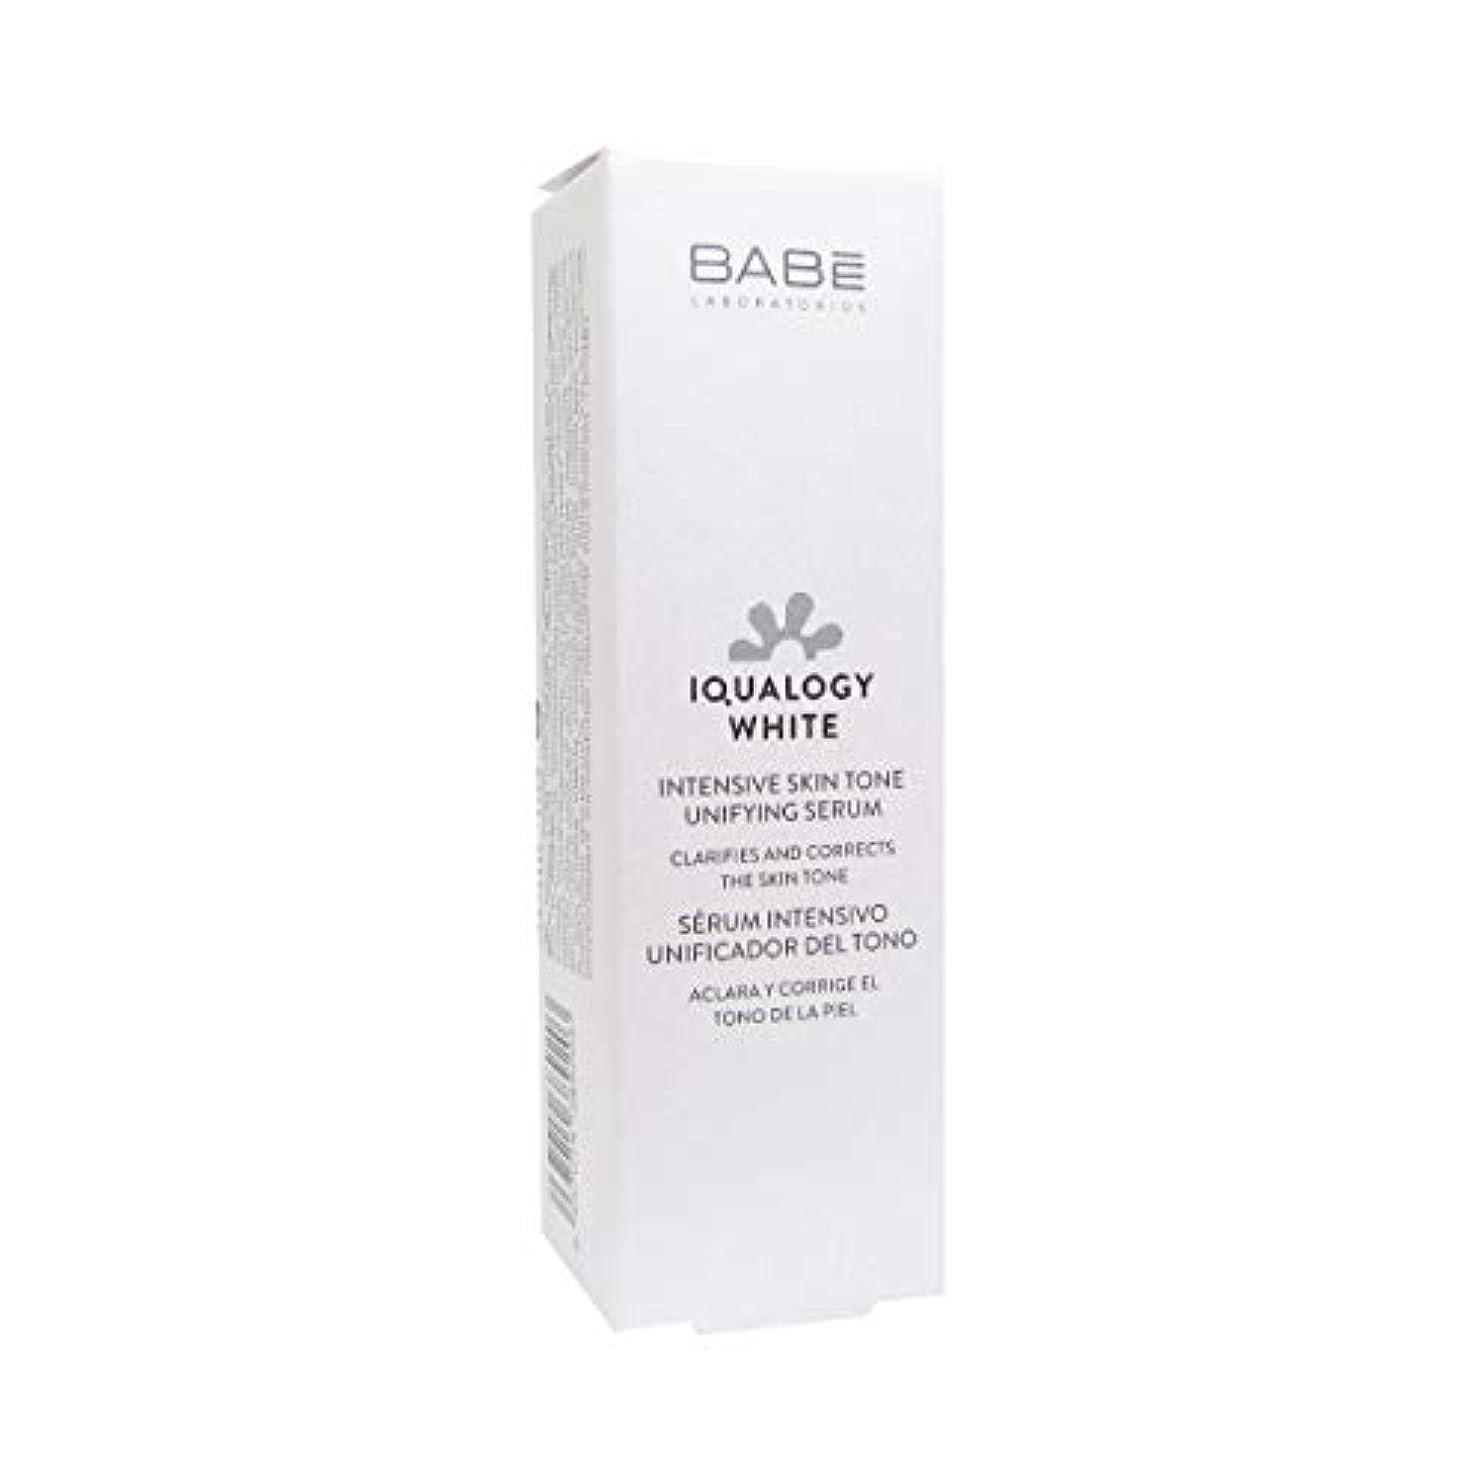 性格ショッピングセンター年Bab Iqualogy White Unifying Serum 50ml [並行輸入品]